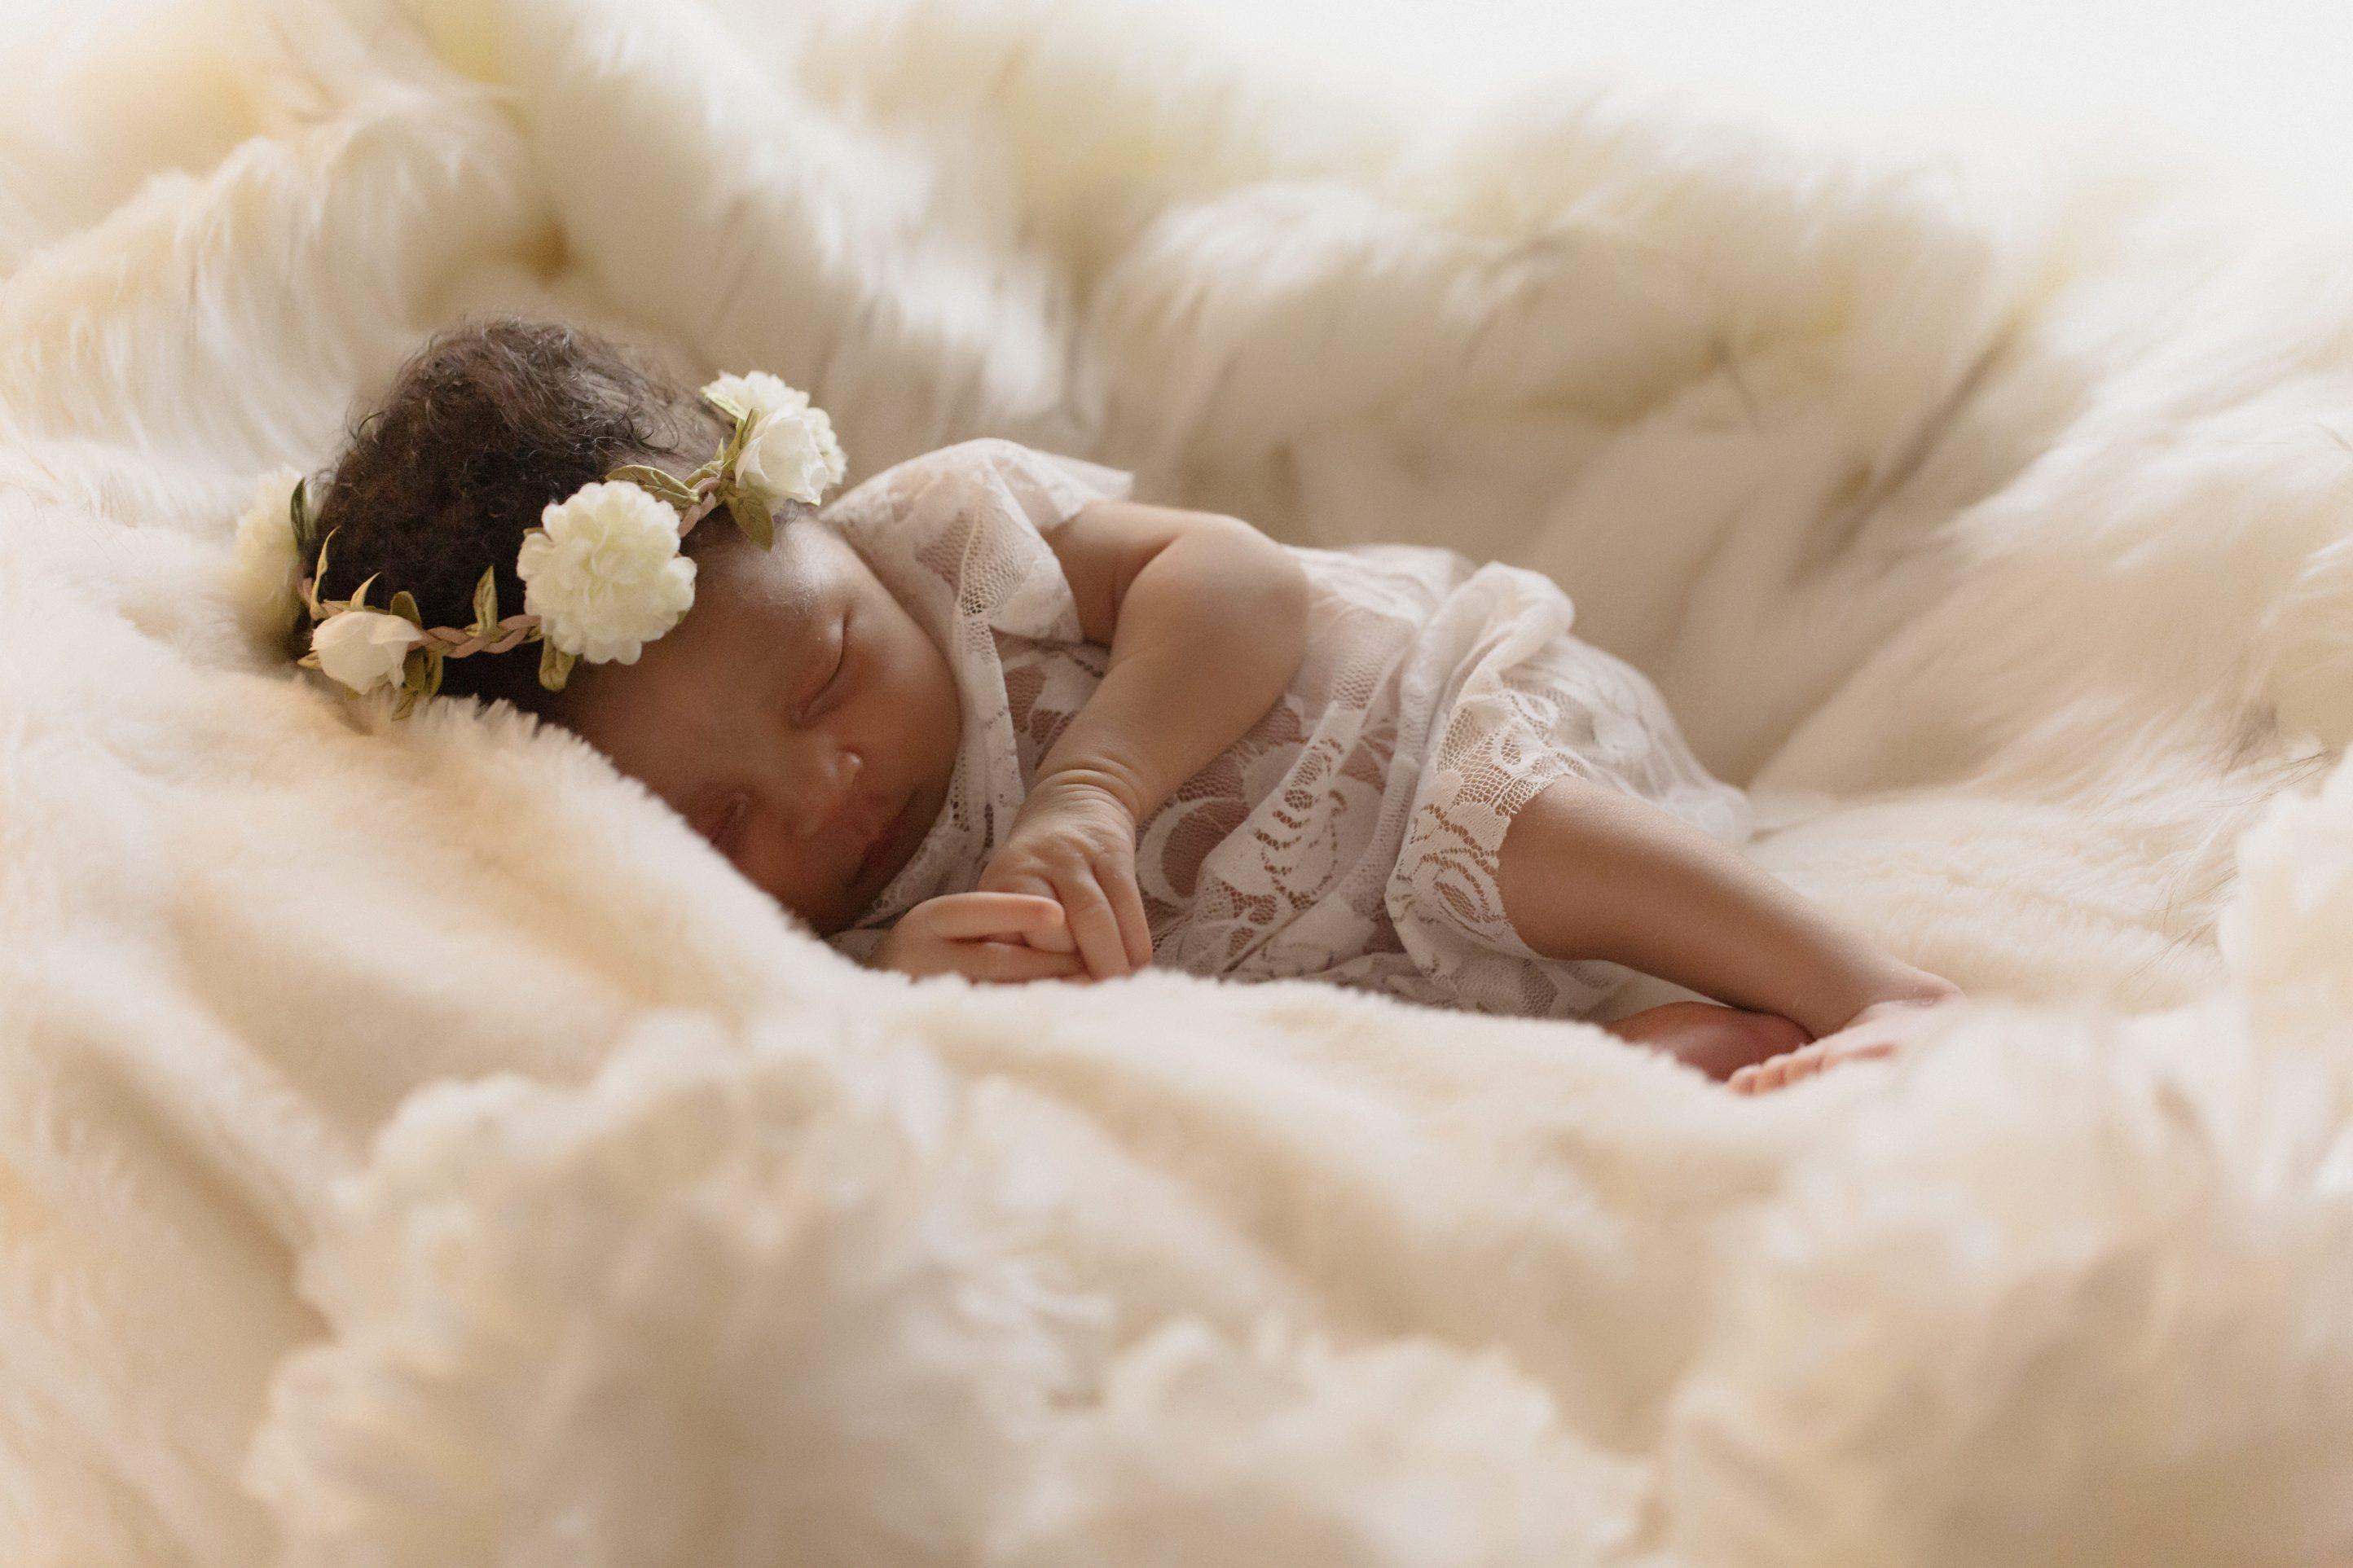 Newborn photography Zagreb Croatia, fotografiranje beba i novorodencadi zagreb